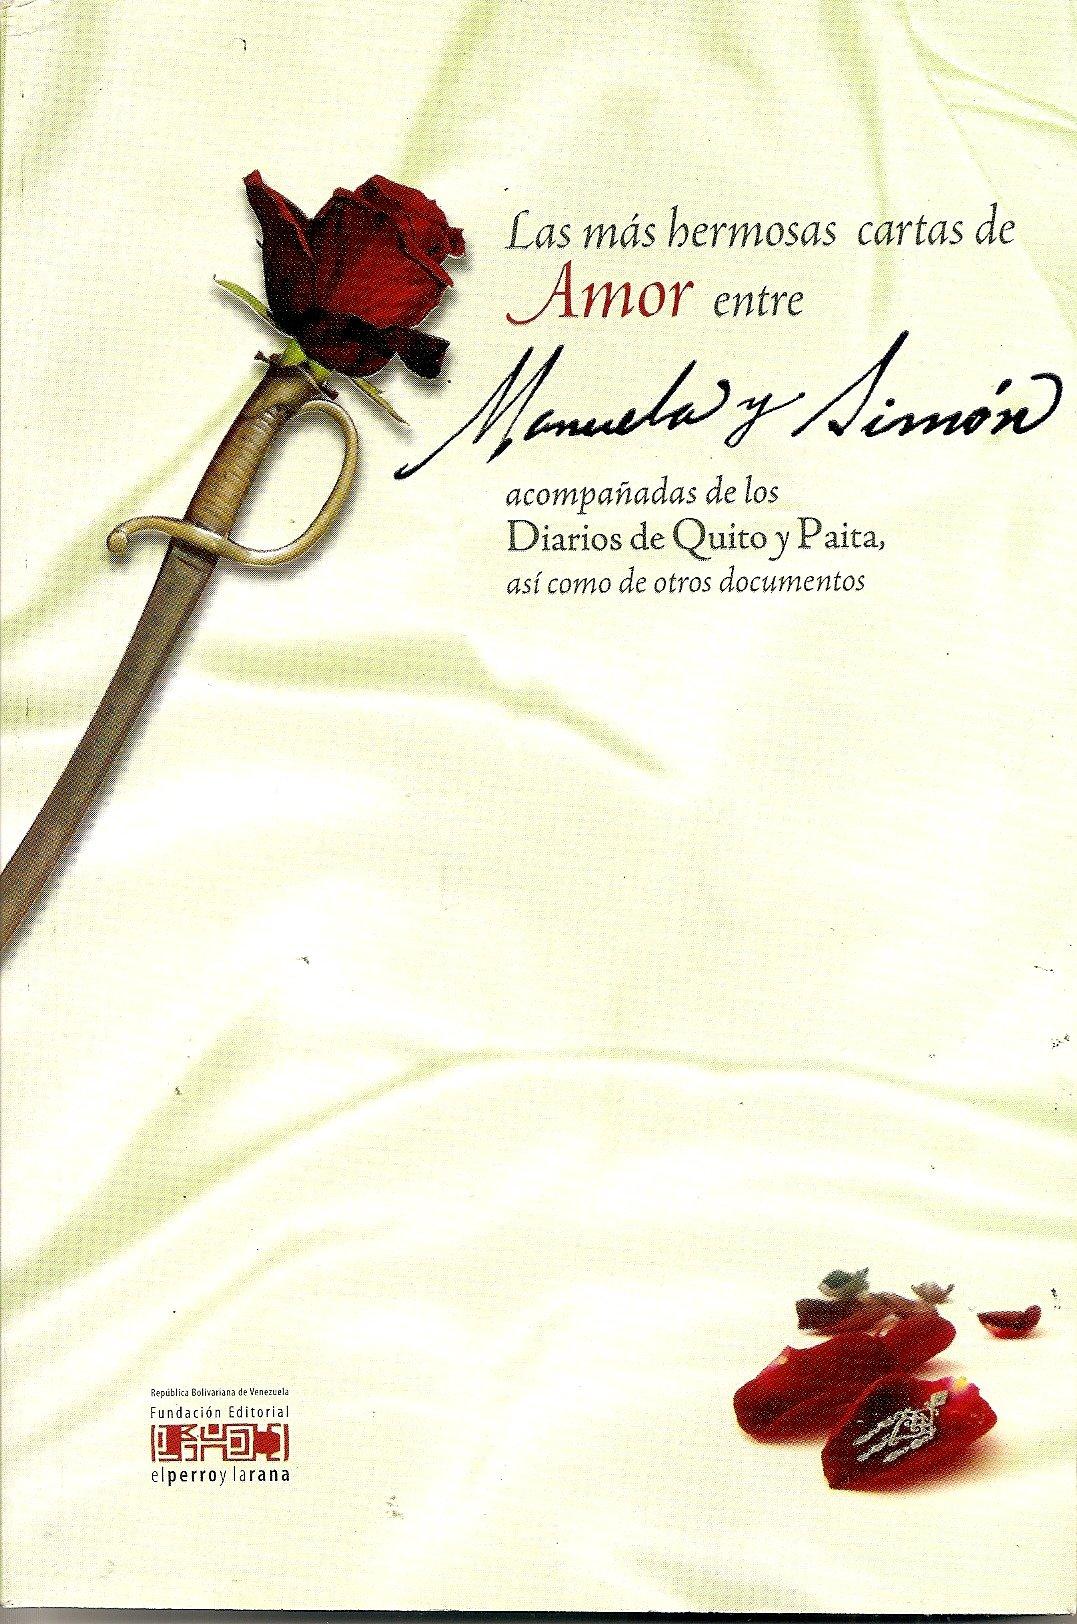 Las más hermosas cartas de amor entre Manuela y Simón ...